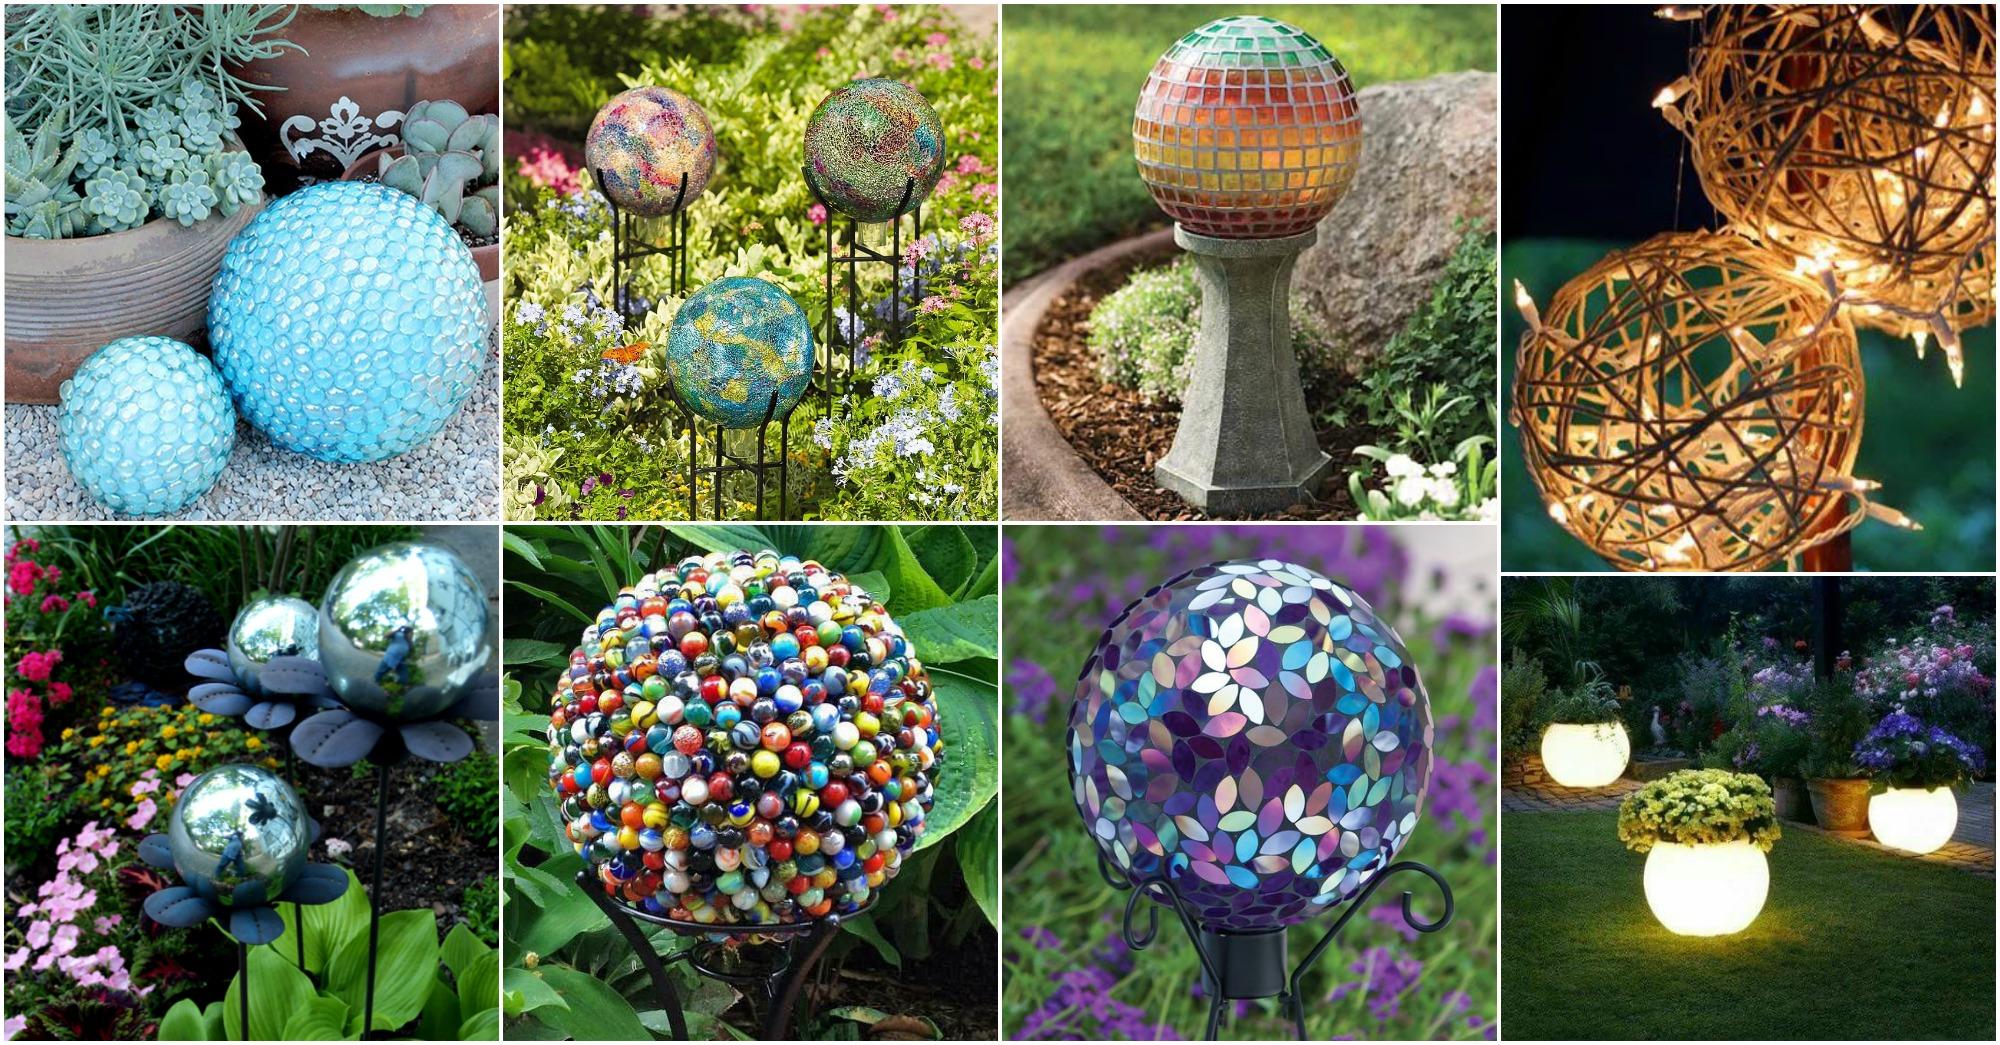 DIY Adorable Garden Globes That Will Beautify Your Garden on Handmade Diy Garden Decor  id=32175